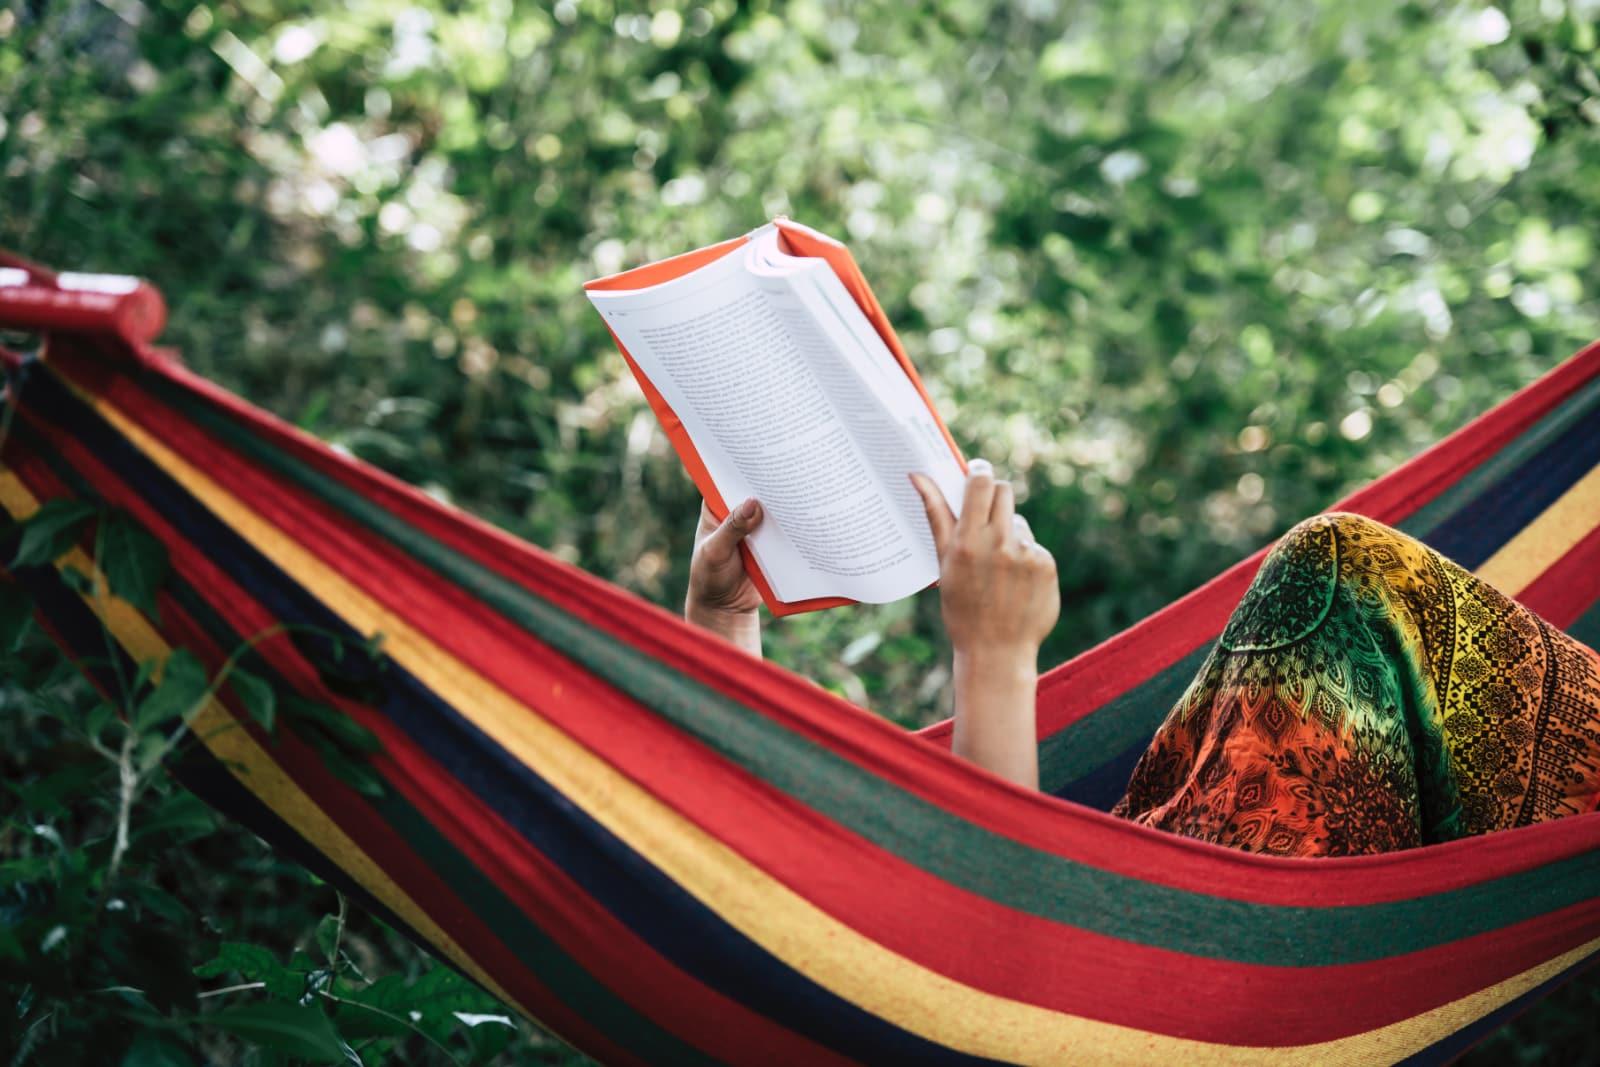 Mulher a ler um livro numa cama de rede no meio da natureza